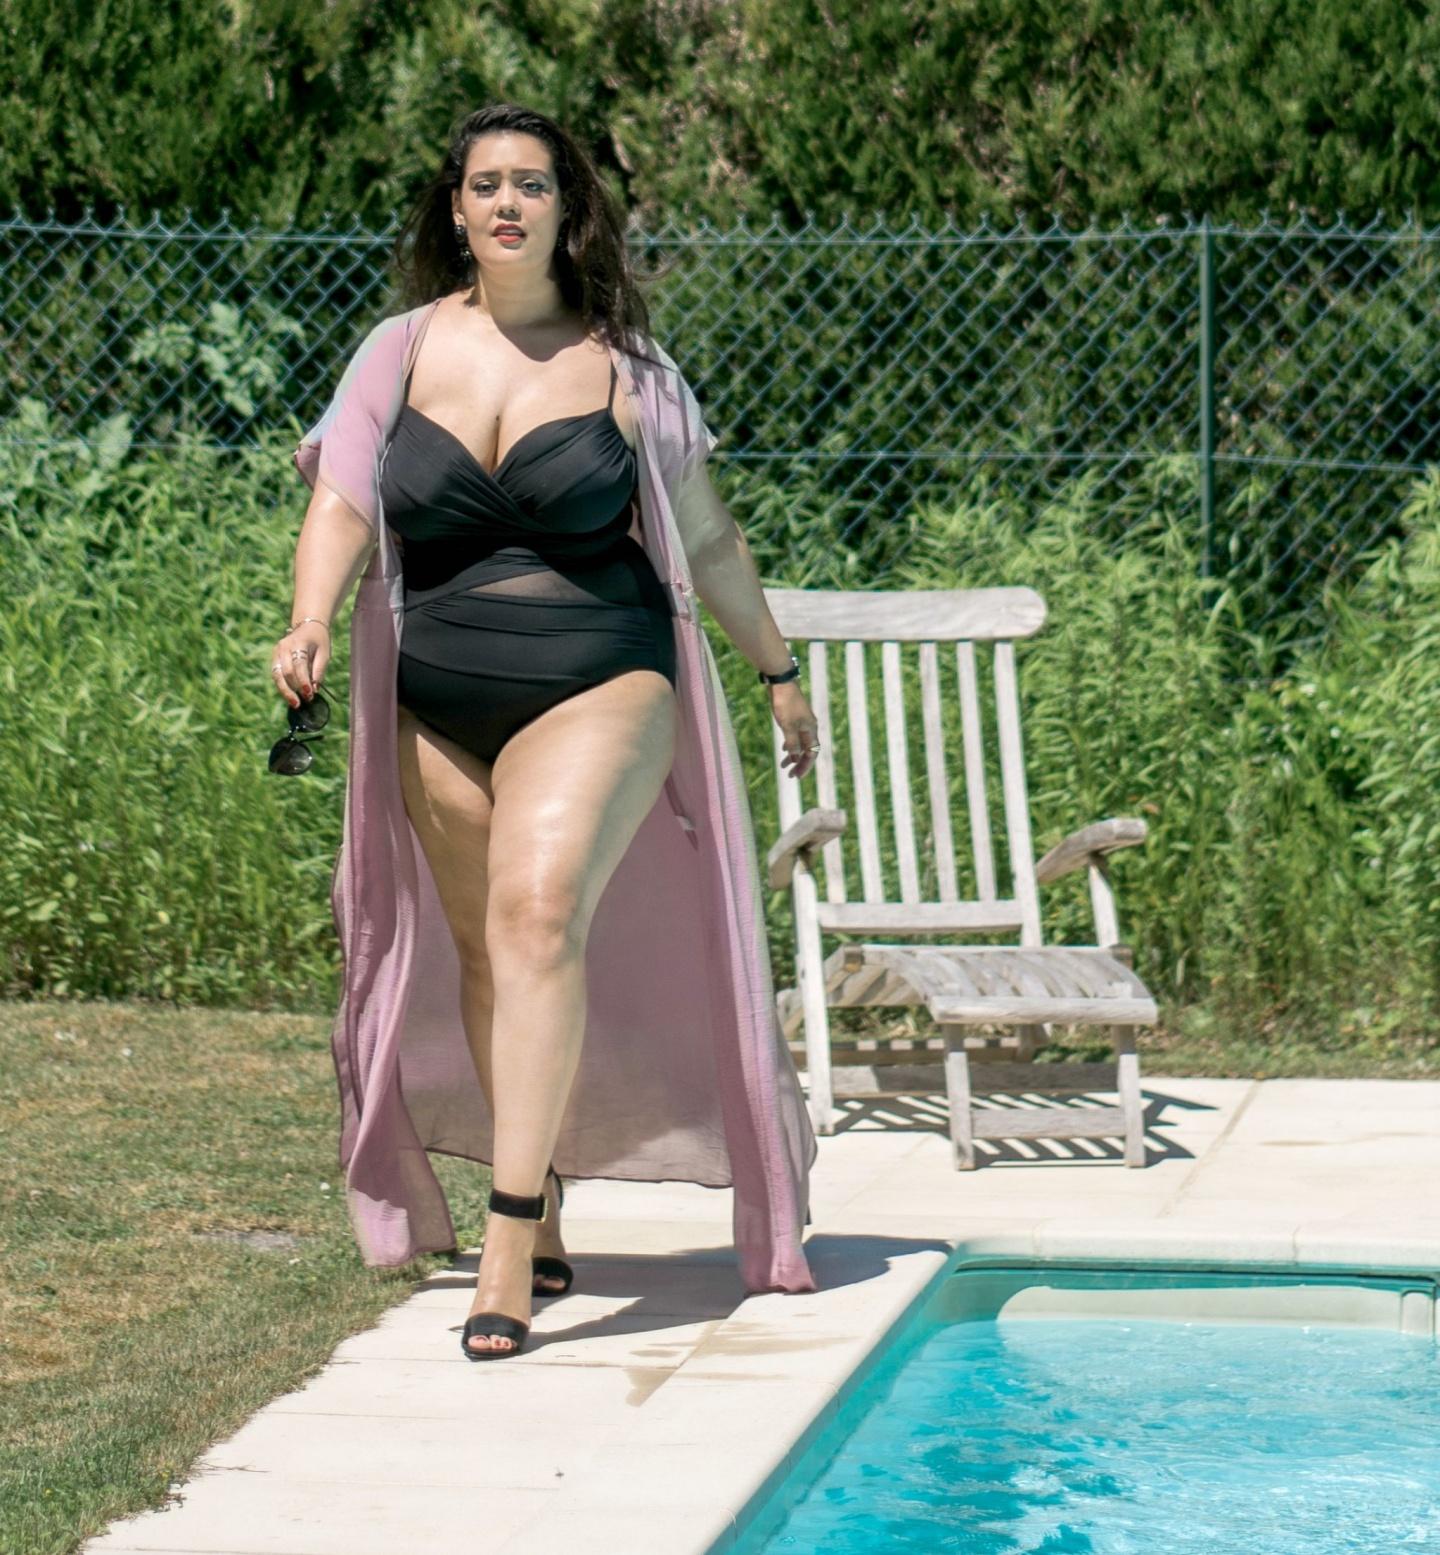 Maillot de bain grande taille - Je suis une rebelle blogueuse mode grande taille et lifestyle